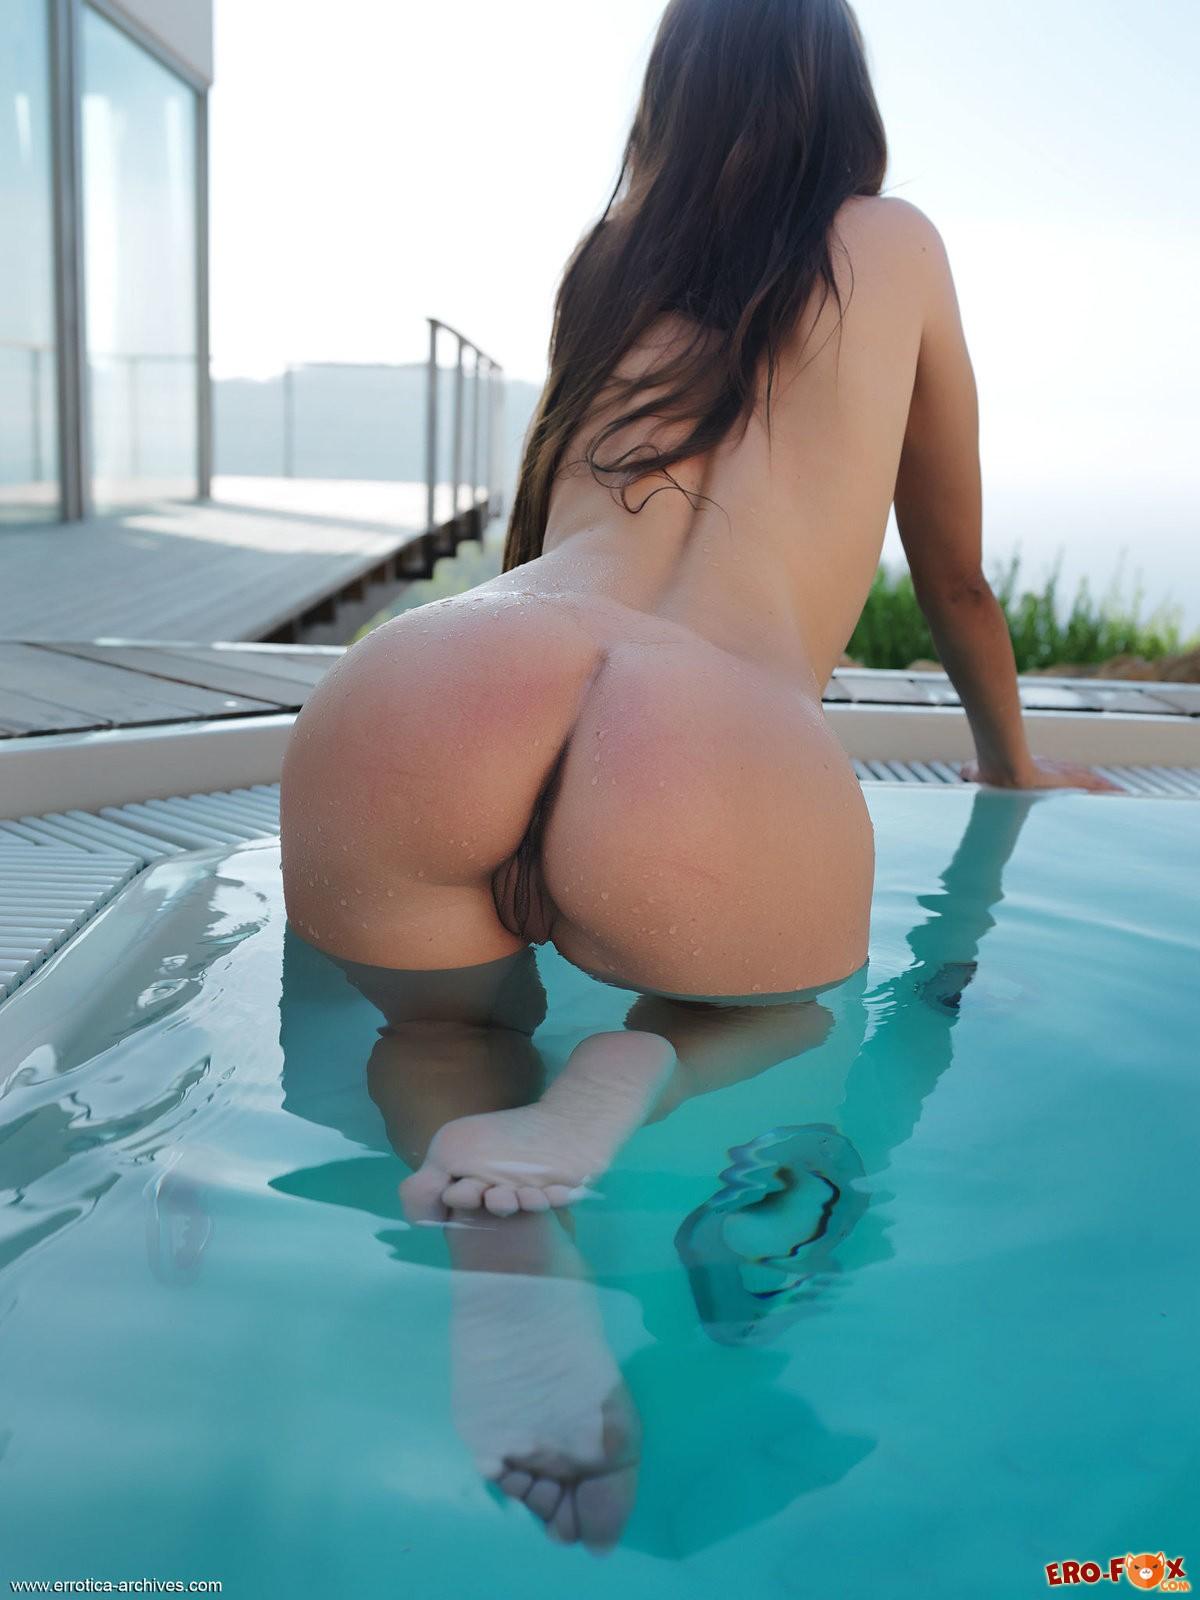 Голая девушка плавает в бассейне